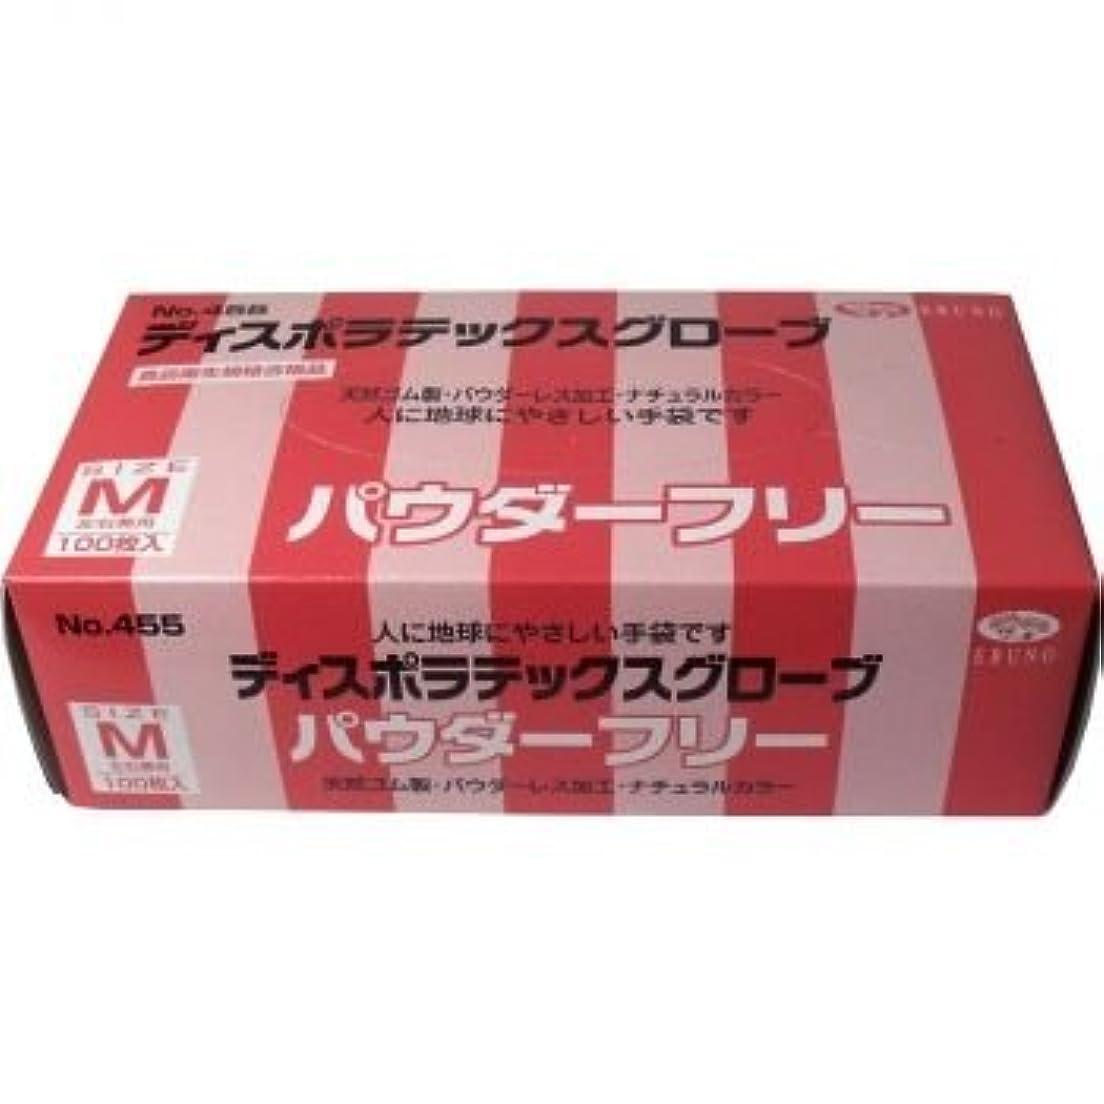 休憩抜粋正当なディスポ ラテックスグローブ(天然ゴム手袋) パウダーフリー Mサイズ 100枚入 【2個セット】